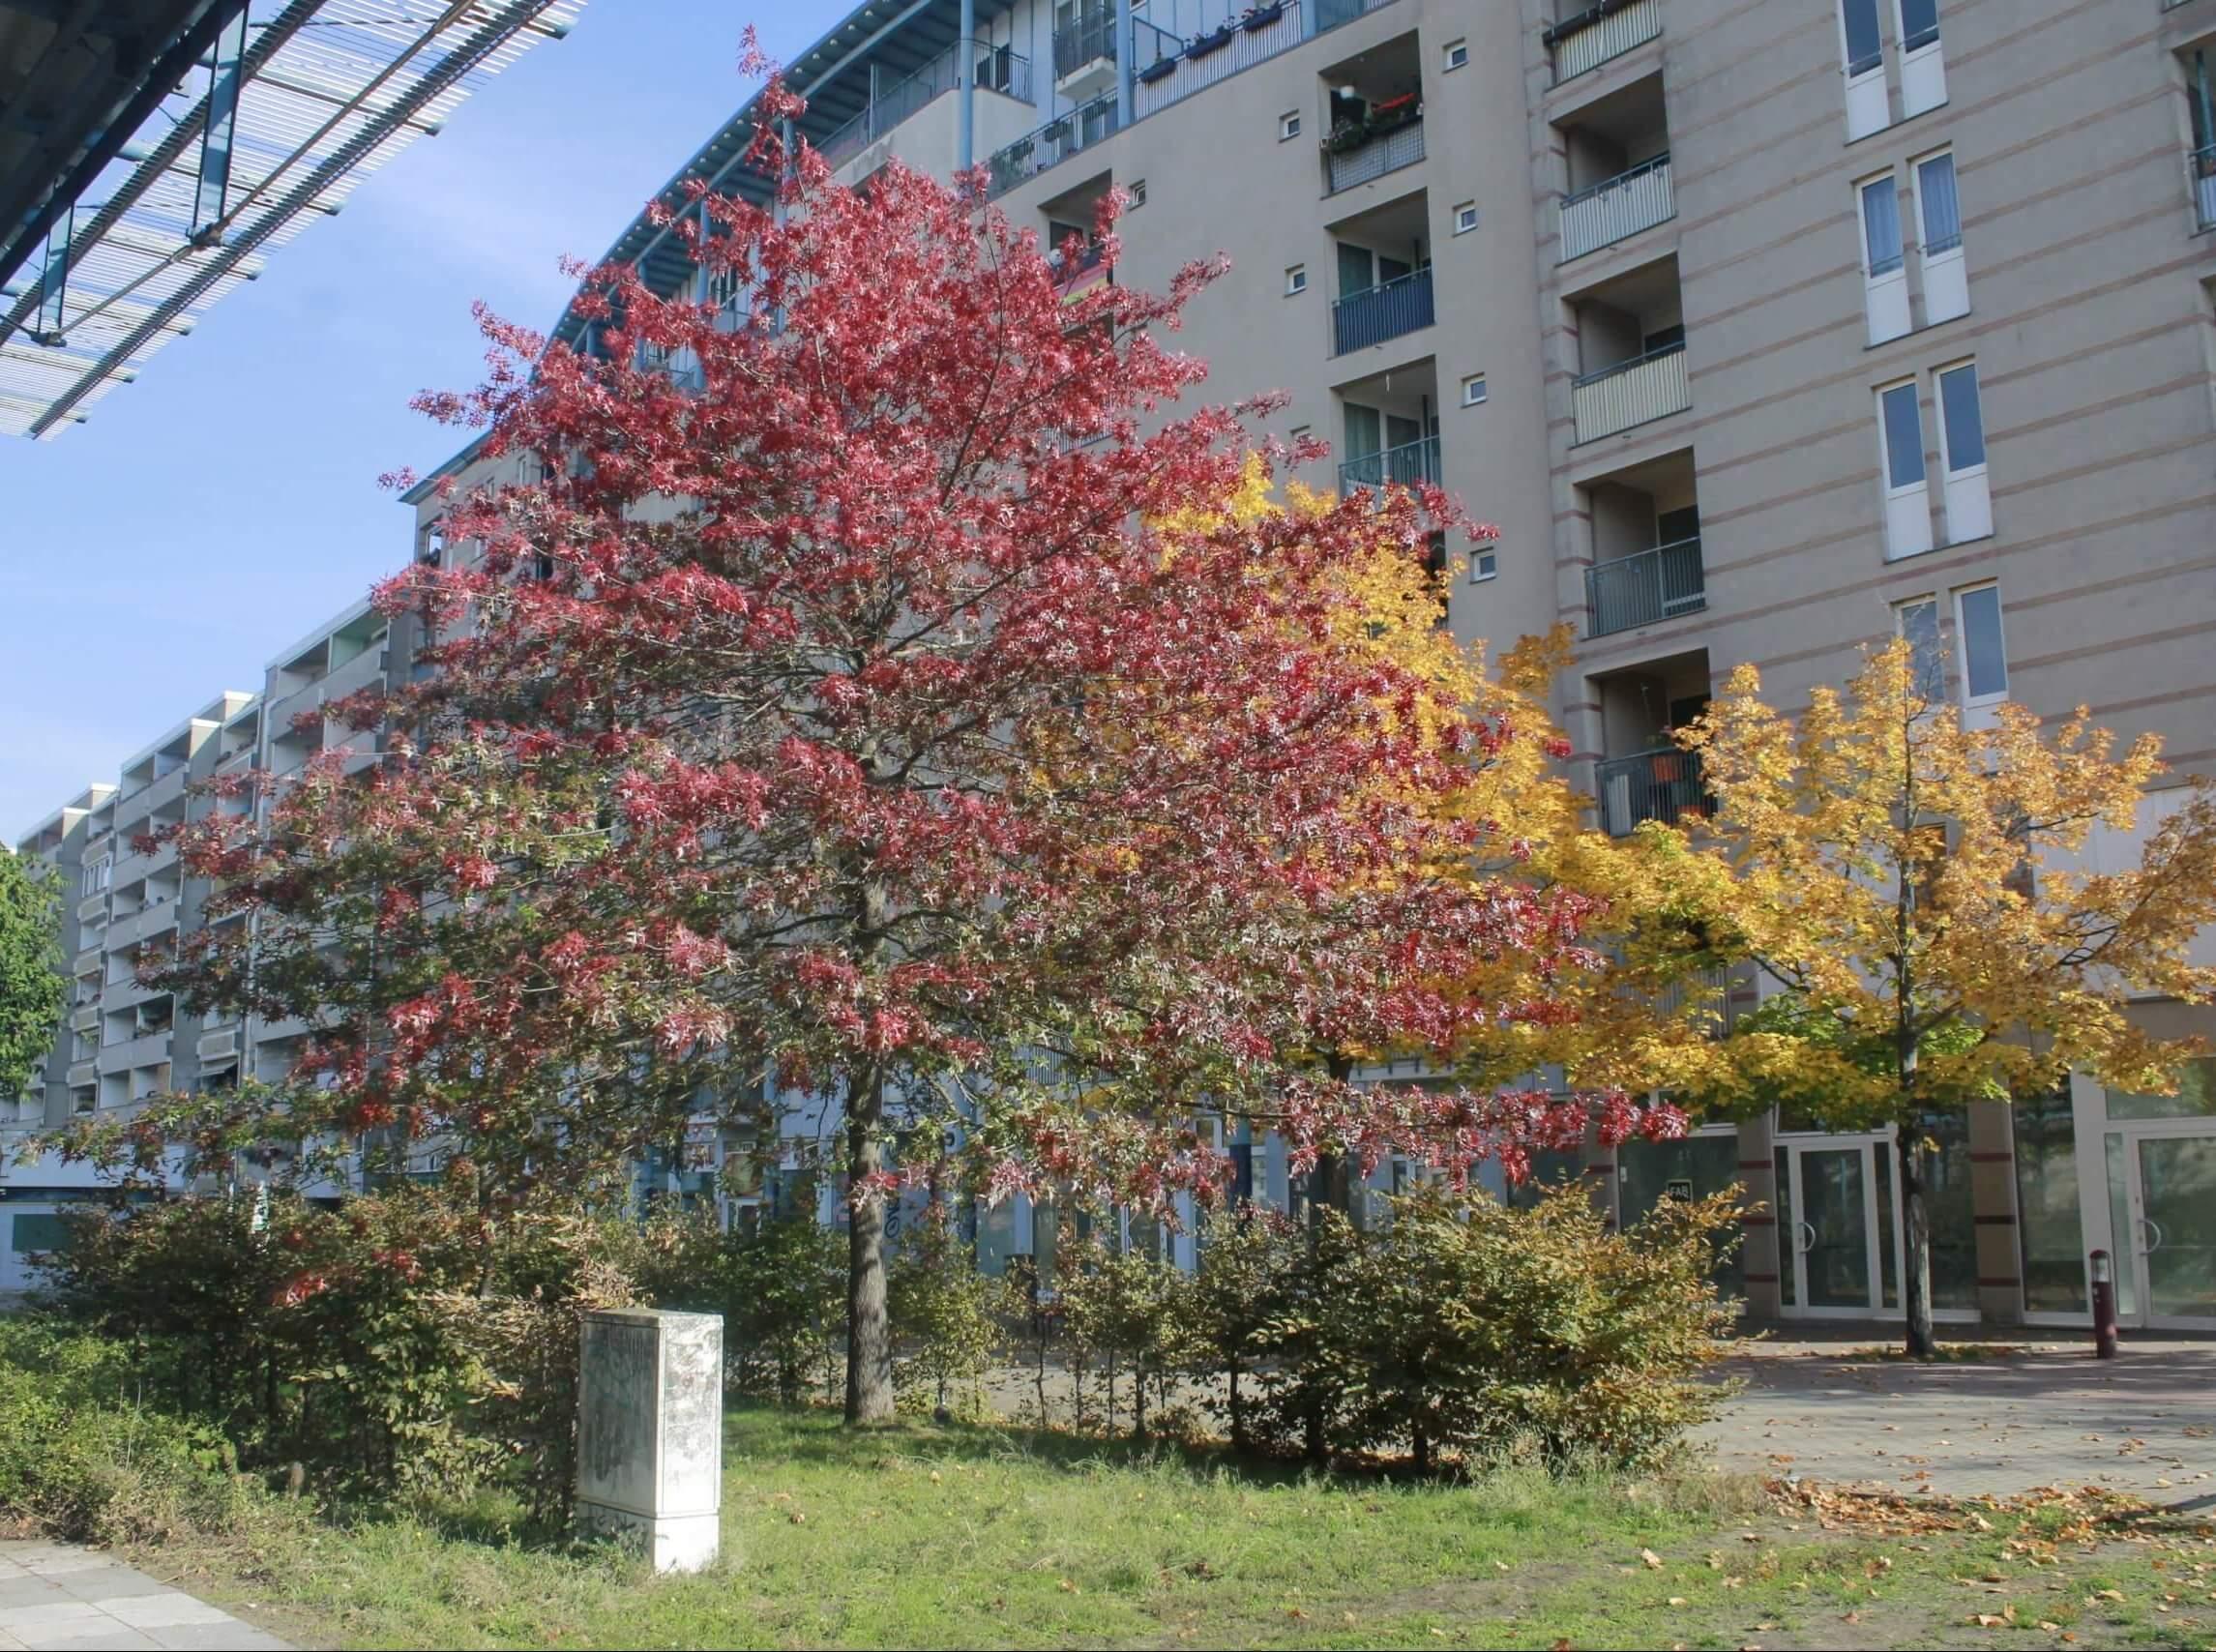 Das Bild zeigt ein solitär stehendes Exemplar einer Scharlach-Eiche im zentralen Grünzug des Kosmosviertels (Altglienicke-Süd). Intensiv scharlachrot gefärbtes geben diesen Bäumen eine sehr dekorative Erscheinung.